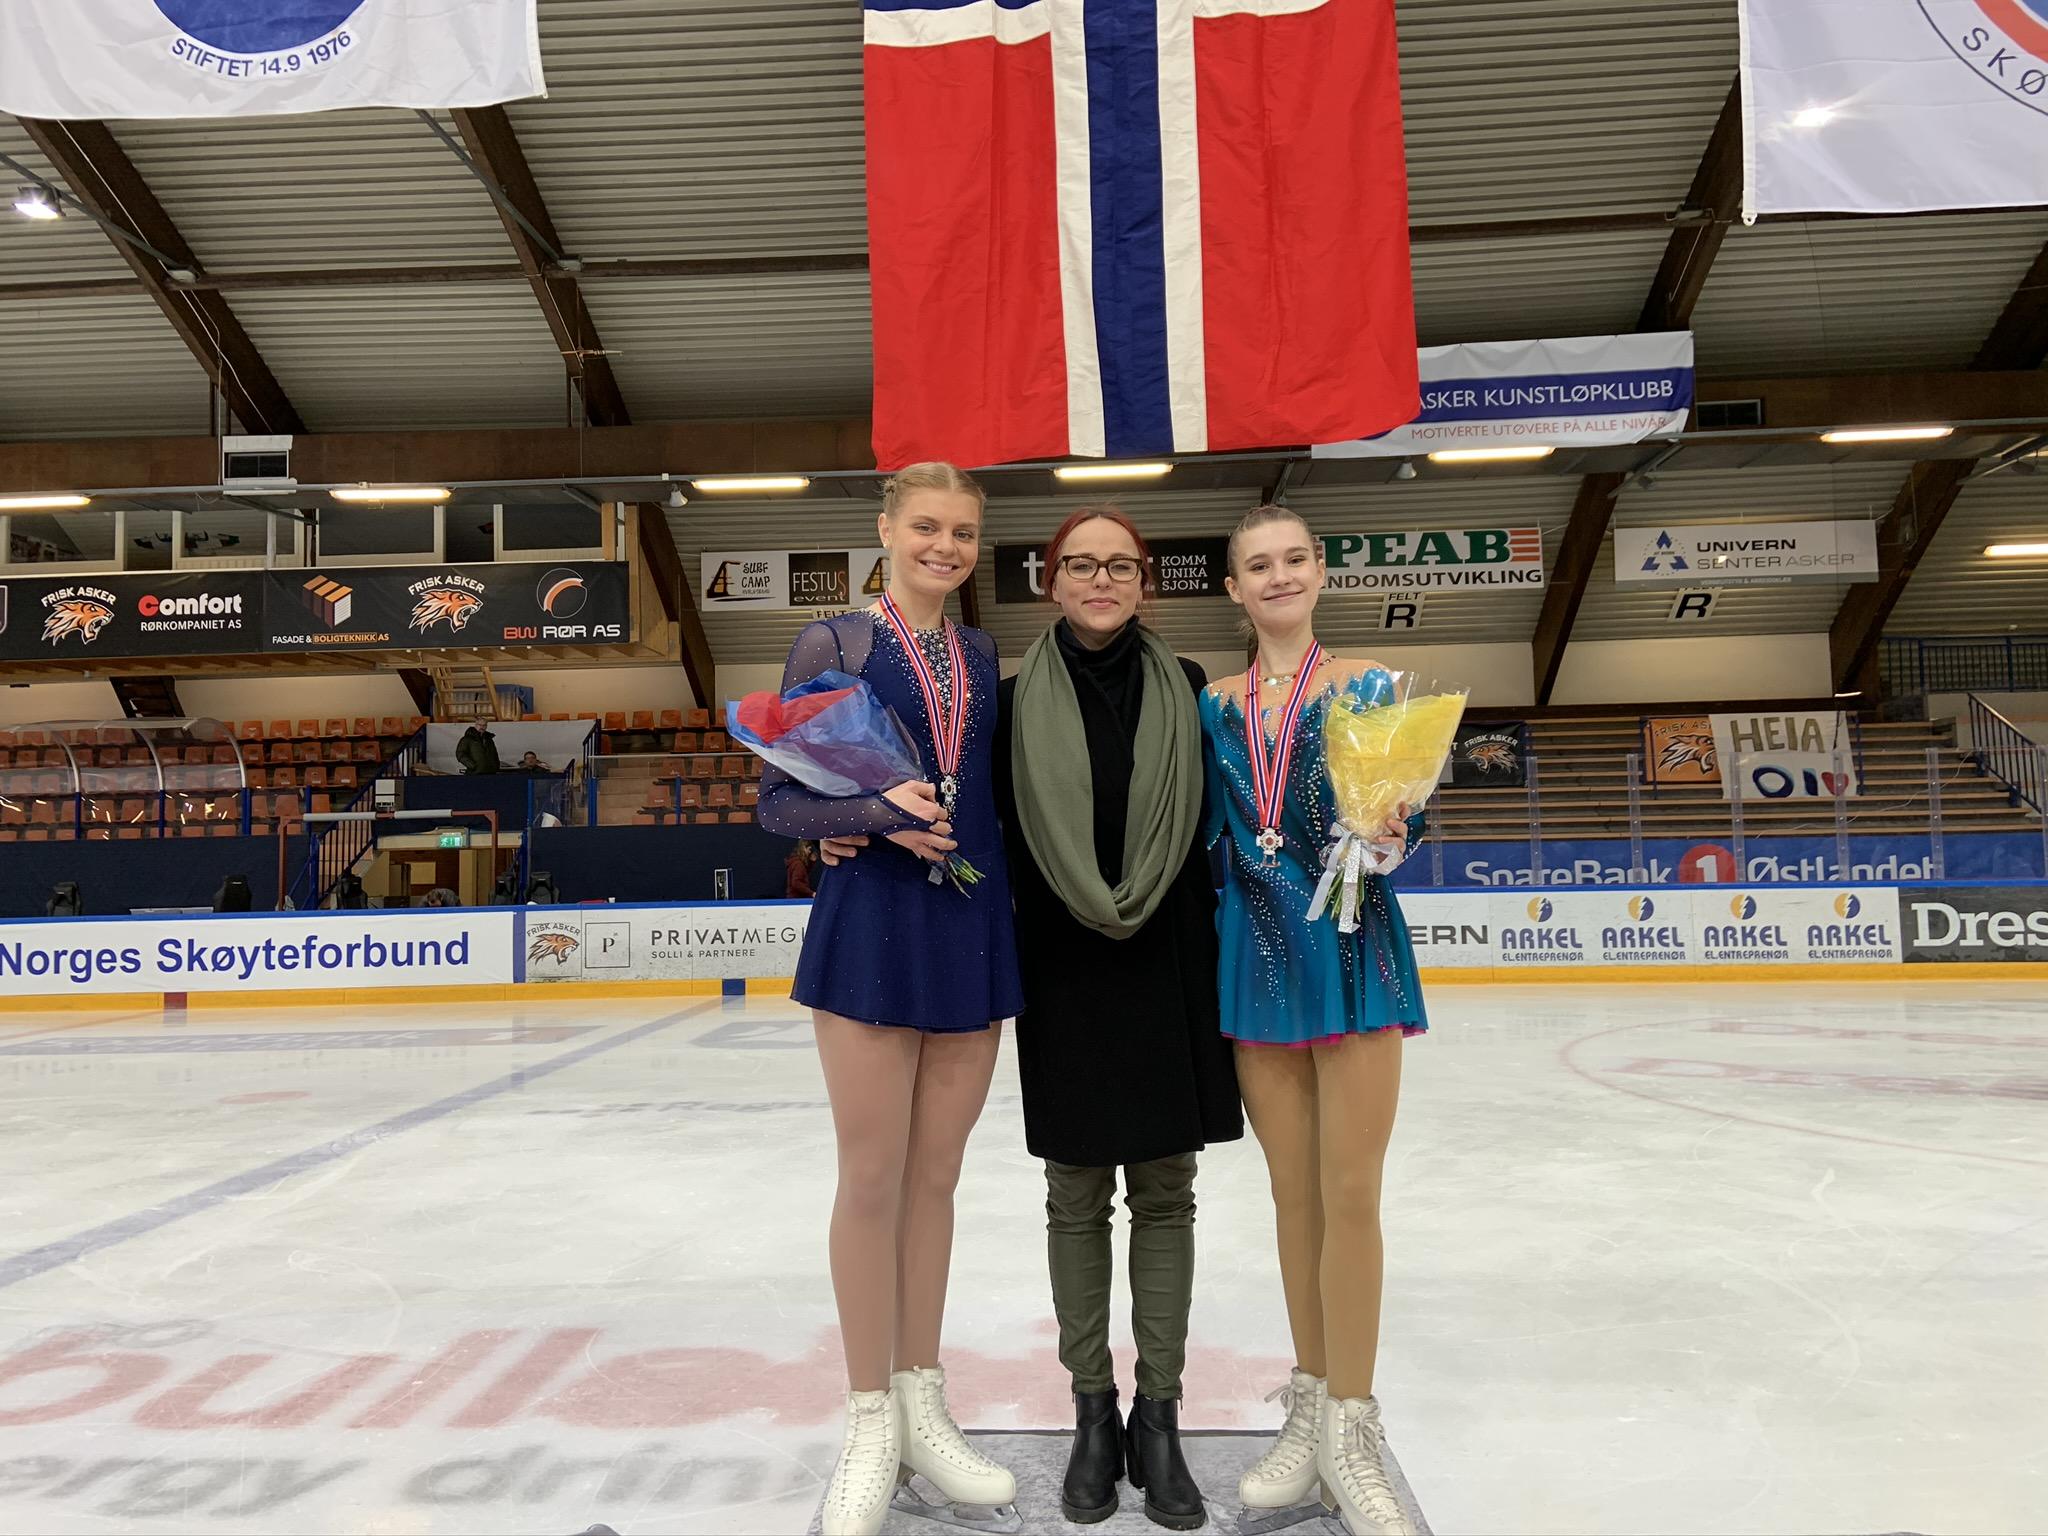 Kari Sofie tok sølvmedaljen i senior og Oda tok bronsemedaljen i junior NM Kunstløp 2020